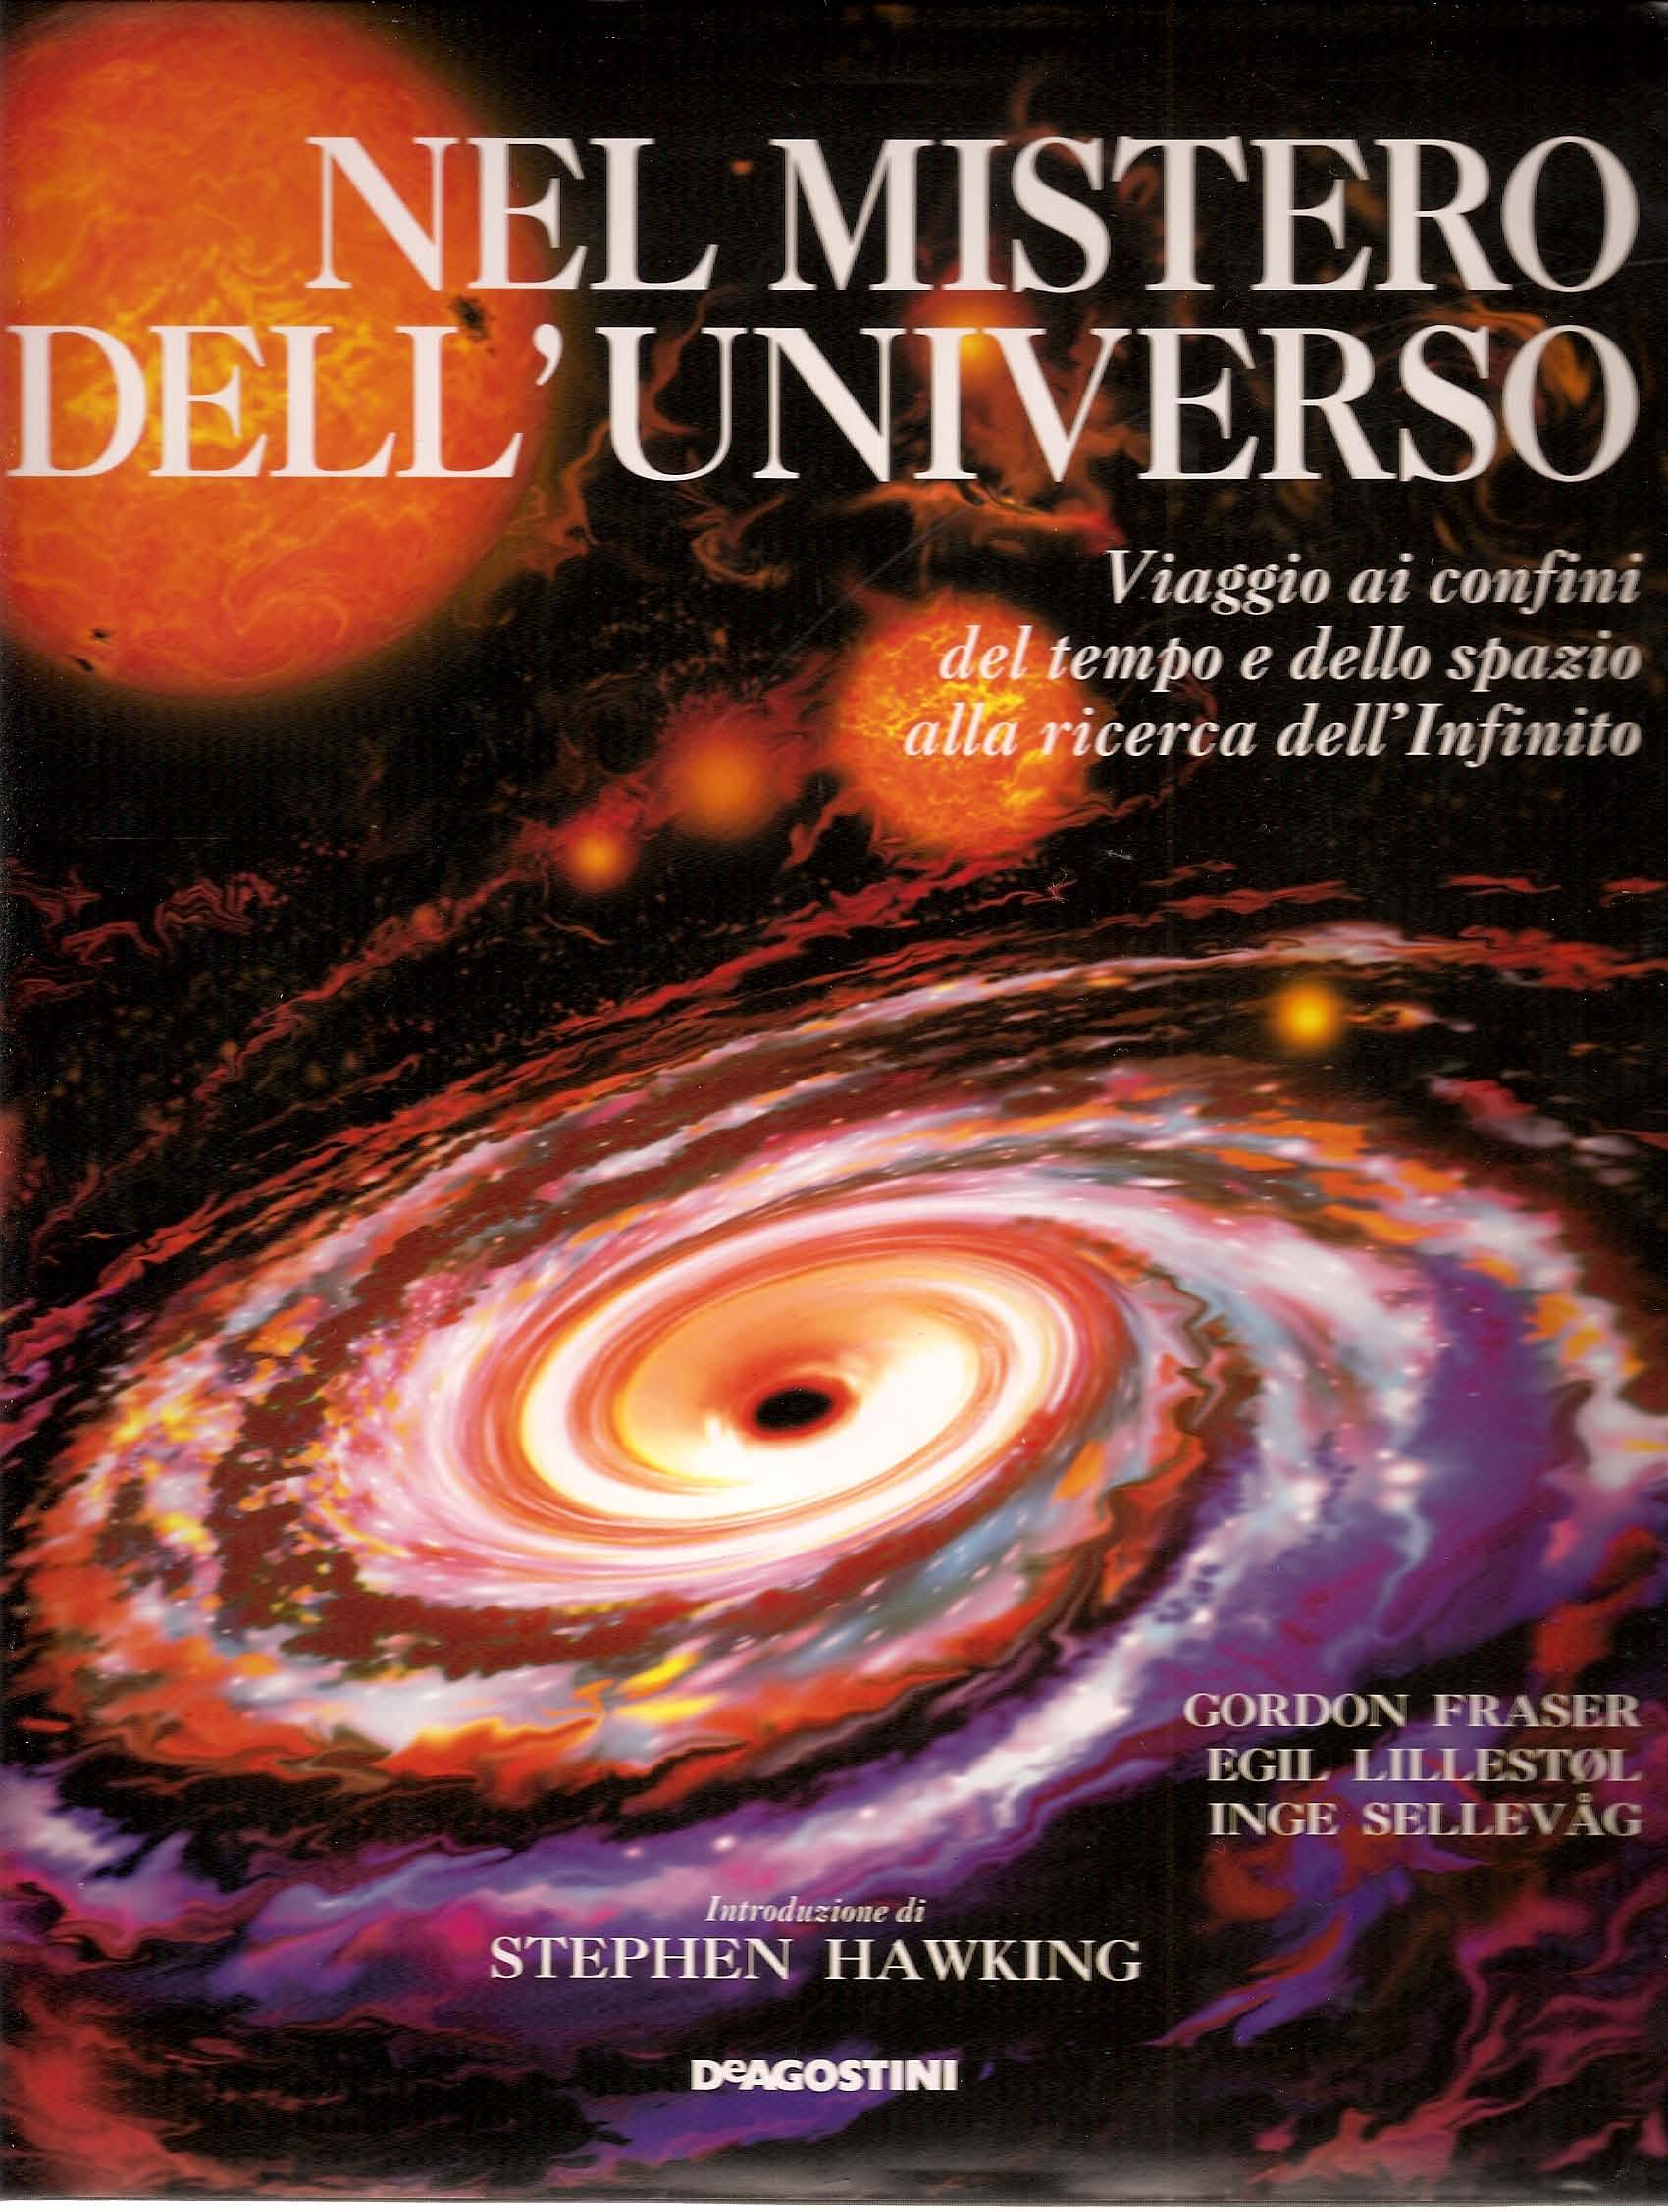 Nel mistero dell'universo